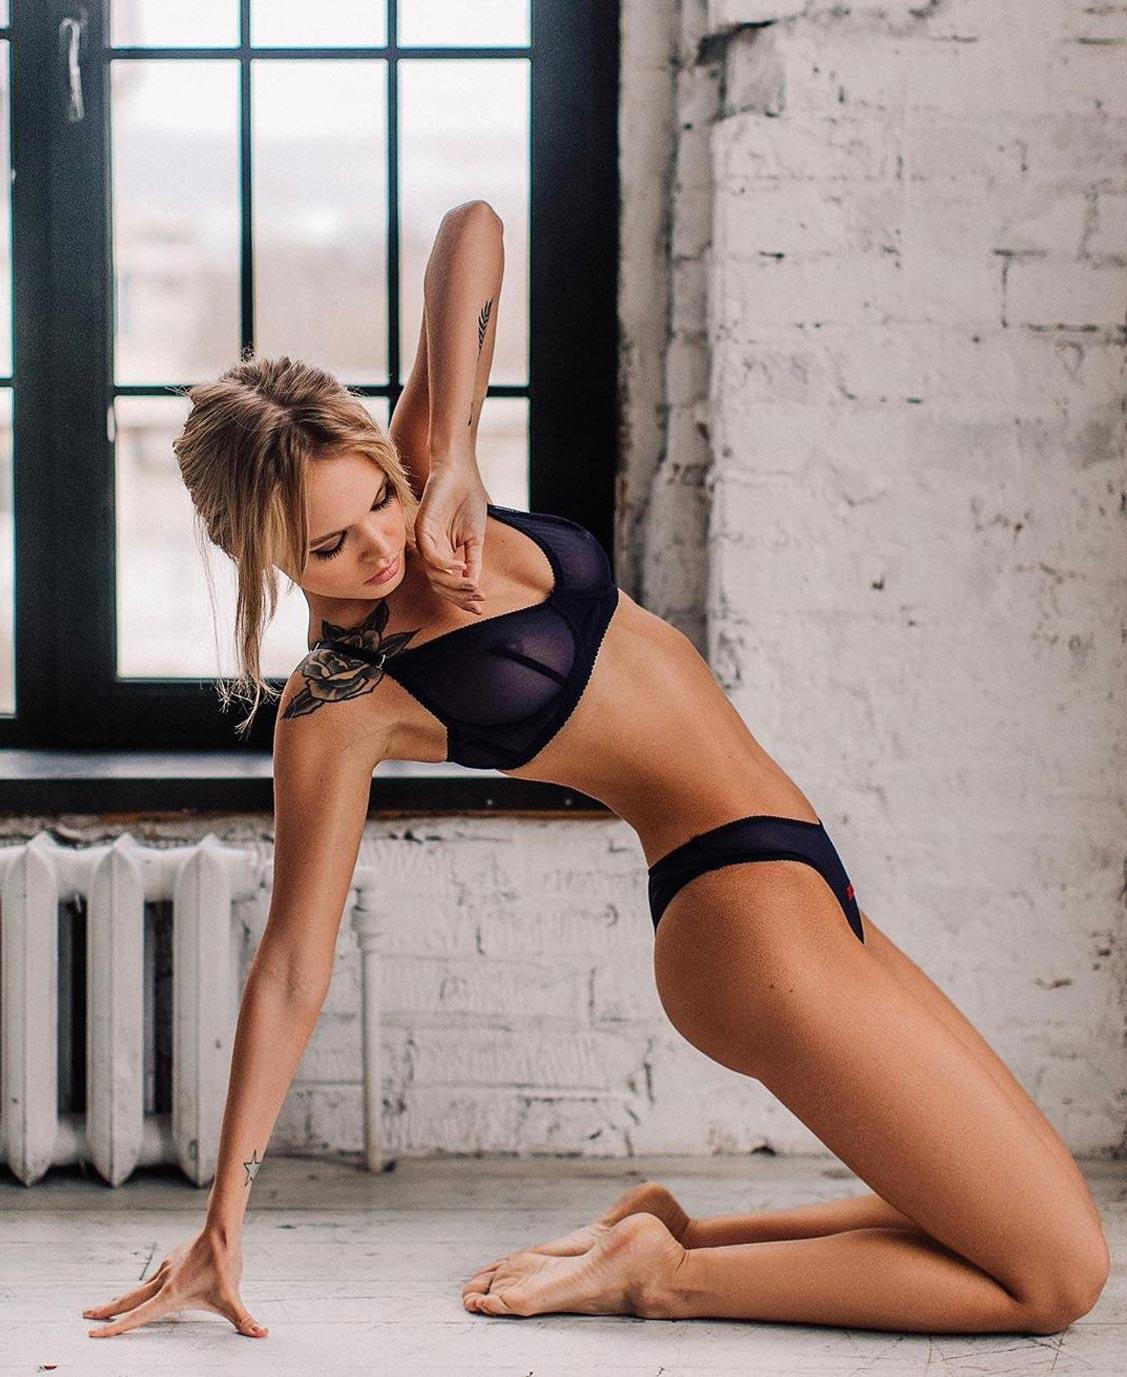 Анастасия Щеглова в нижнем белье торговой марки MissX / фото 33